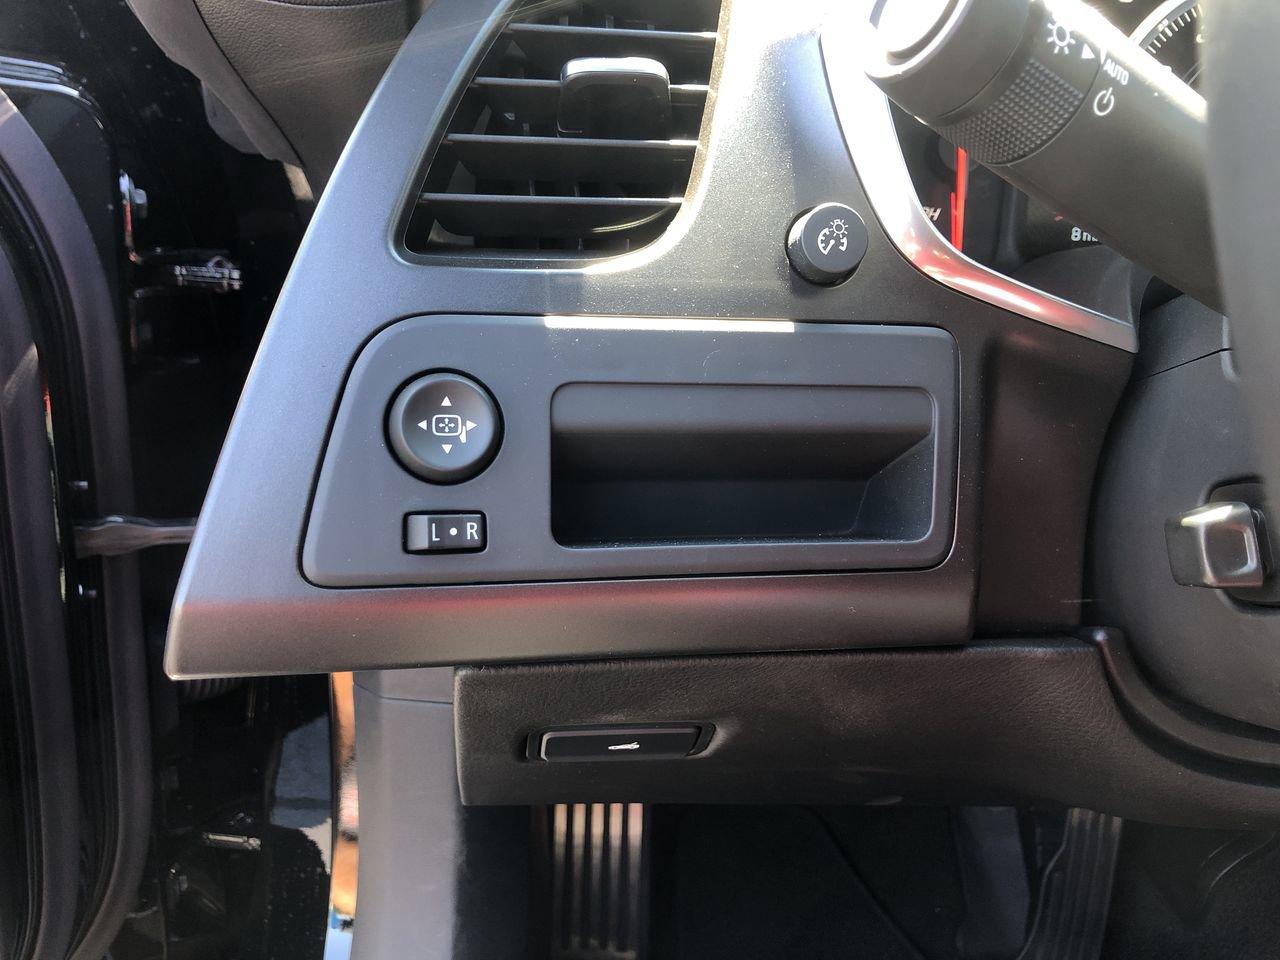 New 2019 Chevrolet Corvette 1LT